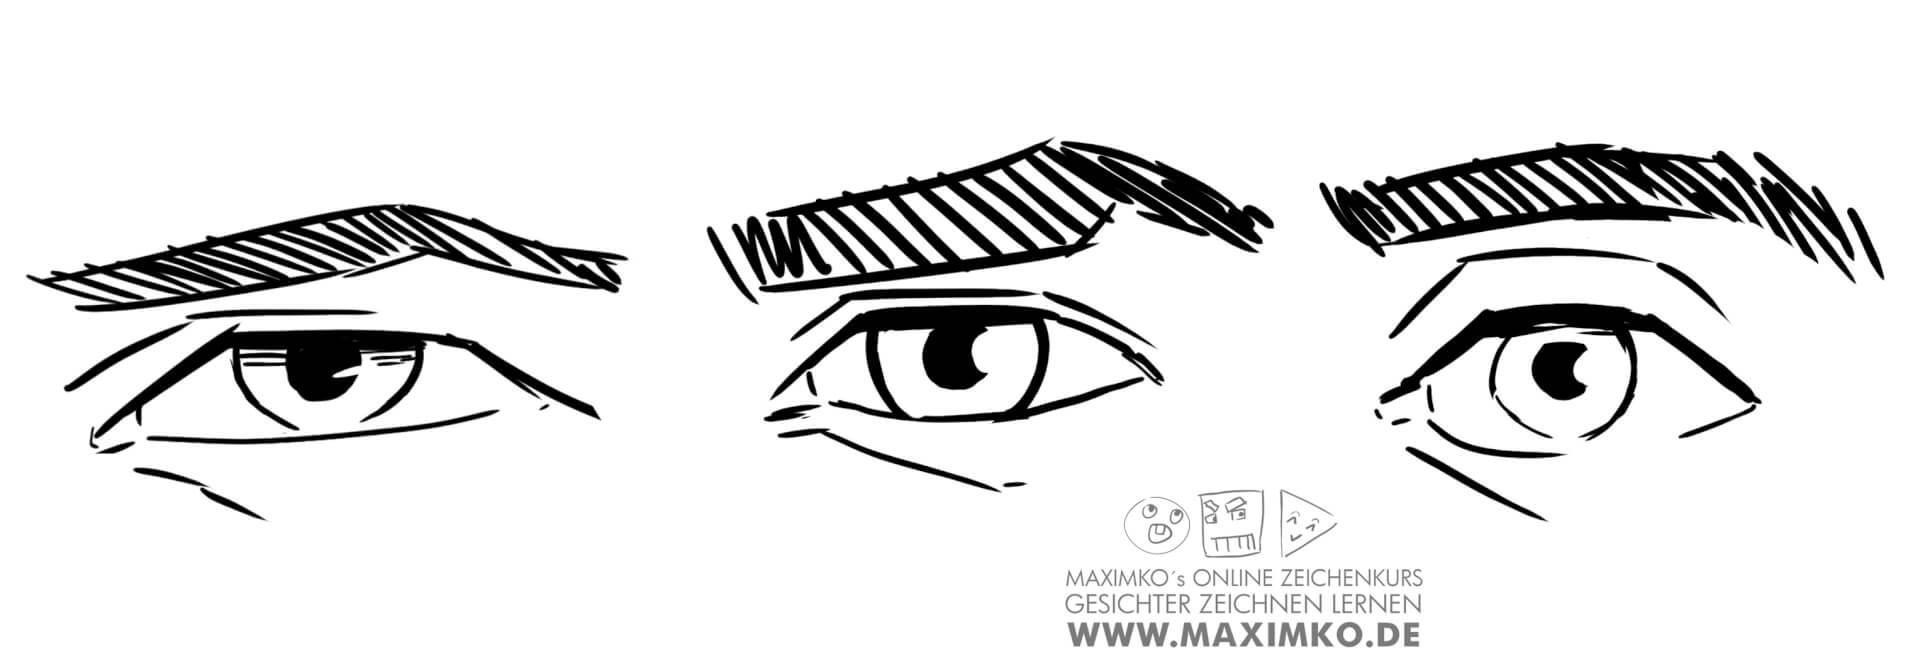 wie zeichnet man augen zeichnen lernen tutorial sichtbarkeit pupille abstand zur augenbraue maximko